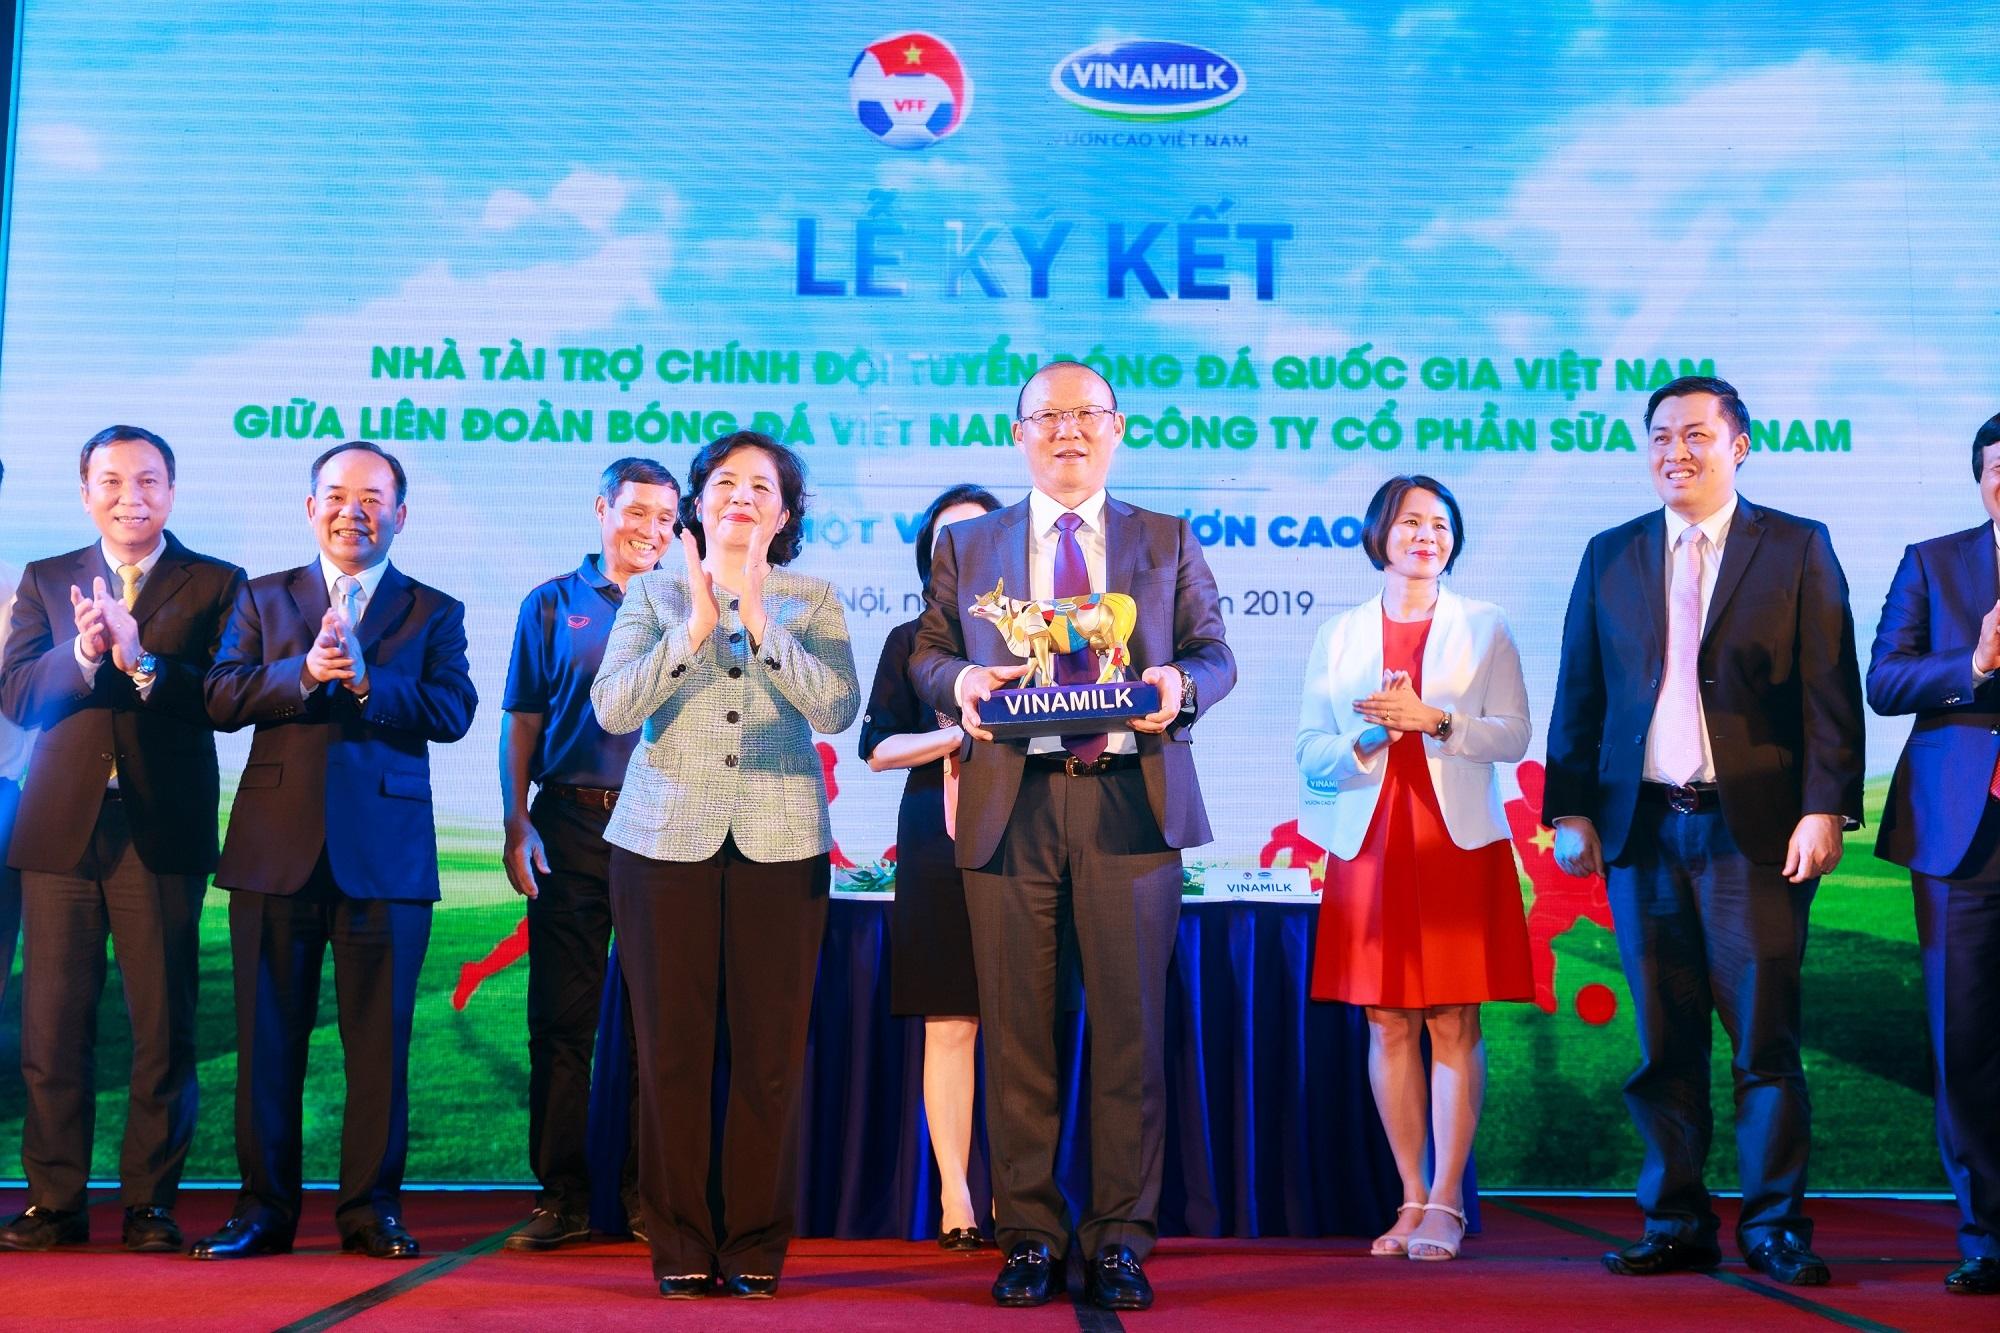 Vinamilk tài trợ chính thức cho các đội tuyển bóng đá quốc gia vì một Việt Nam vươn cao - Ảnh 2